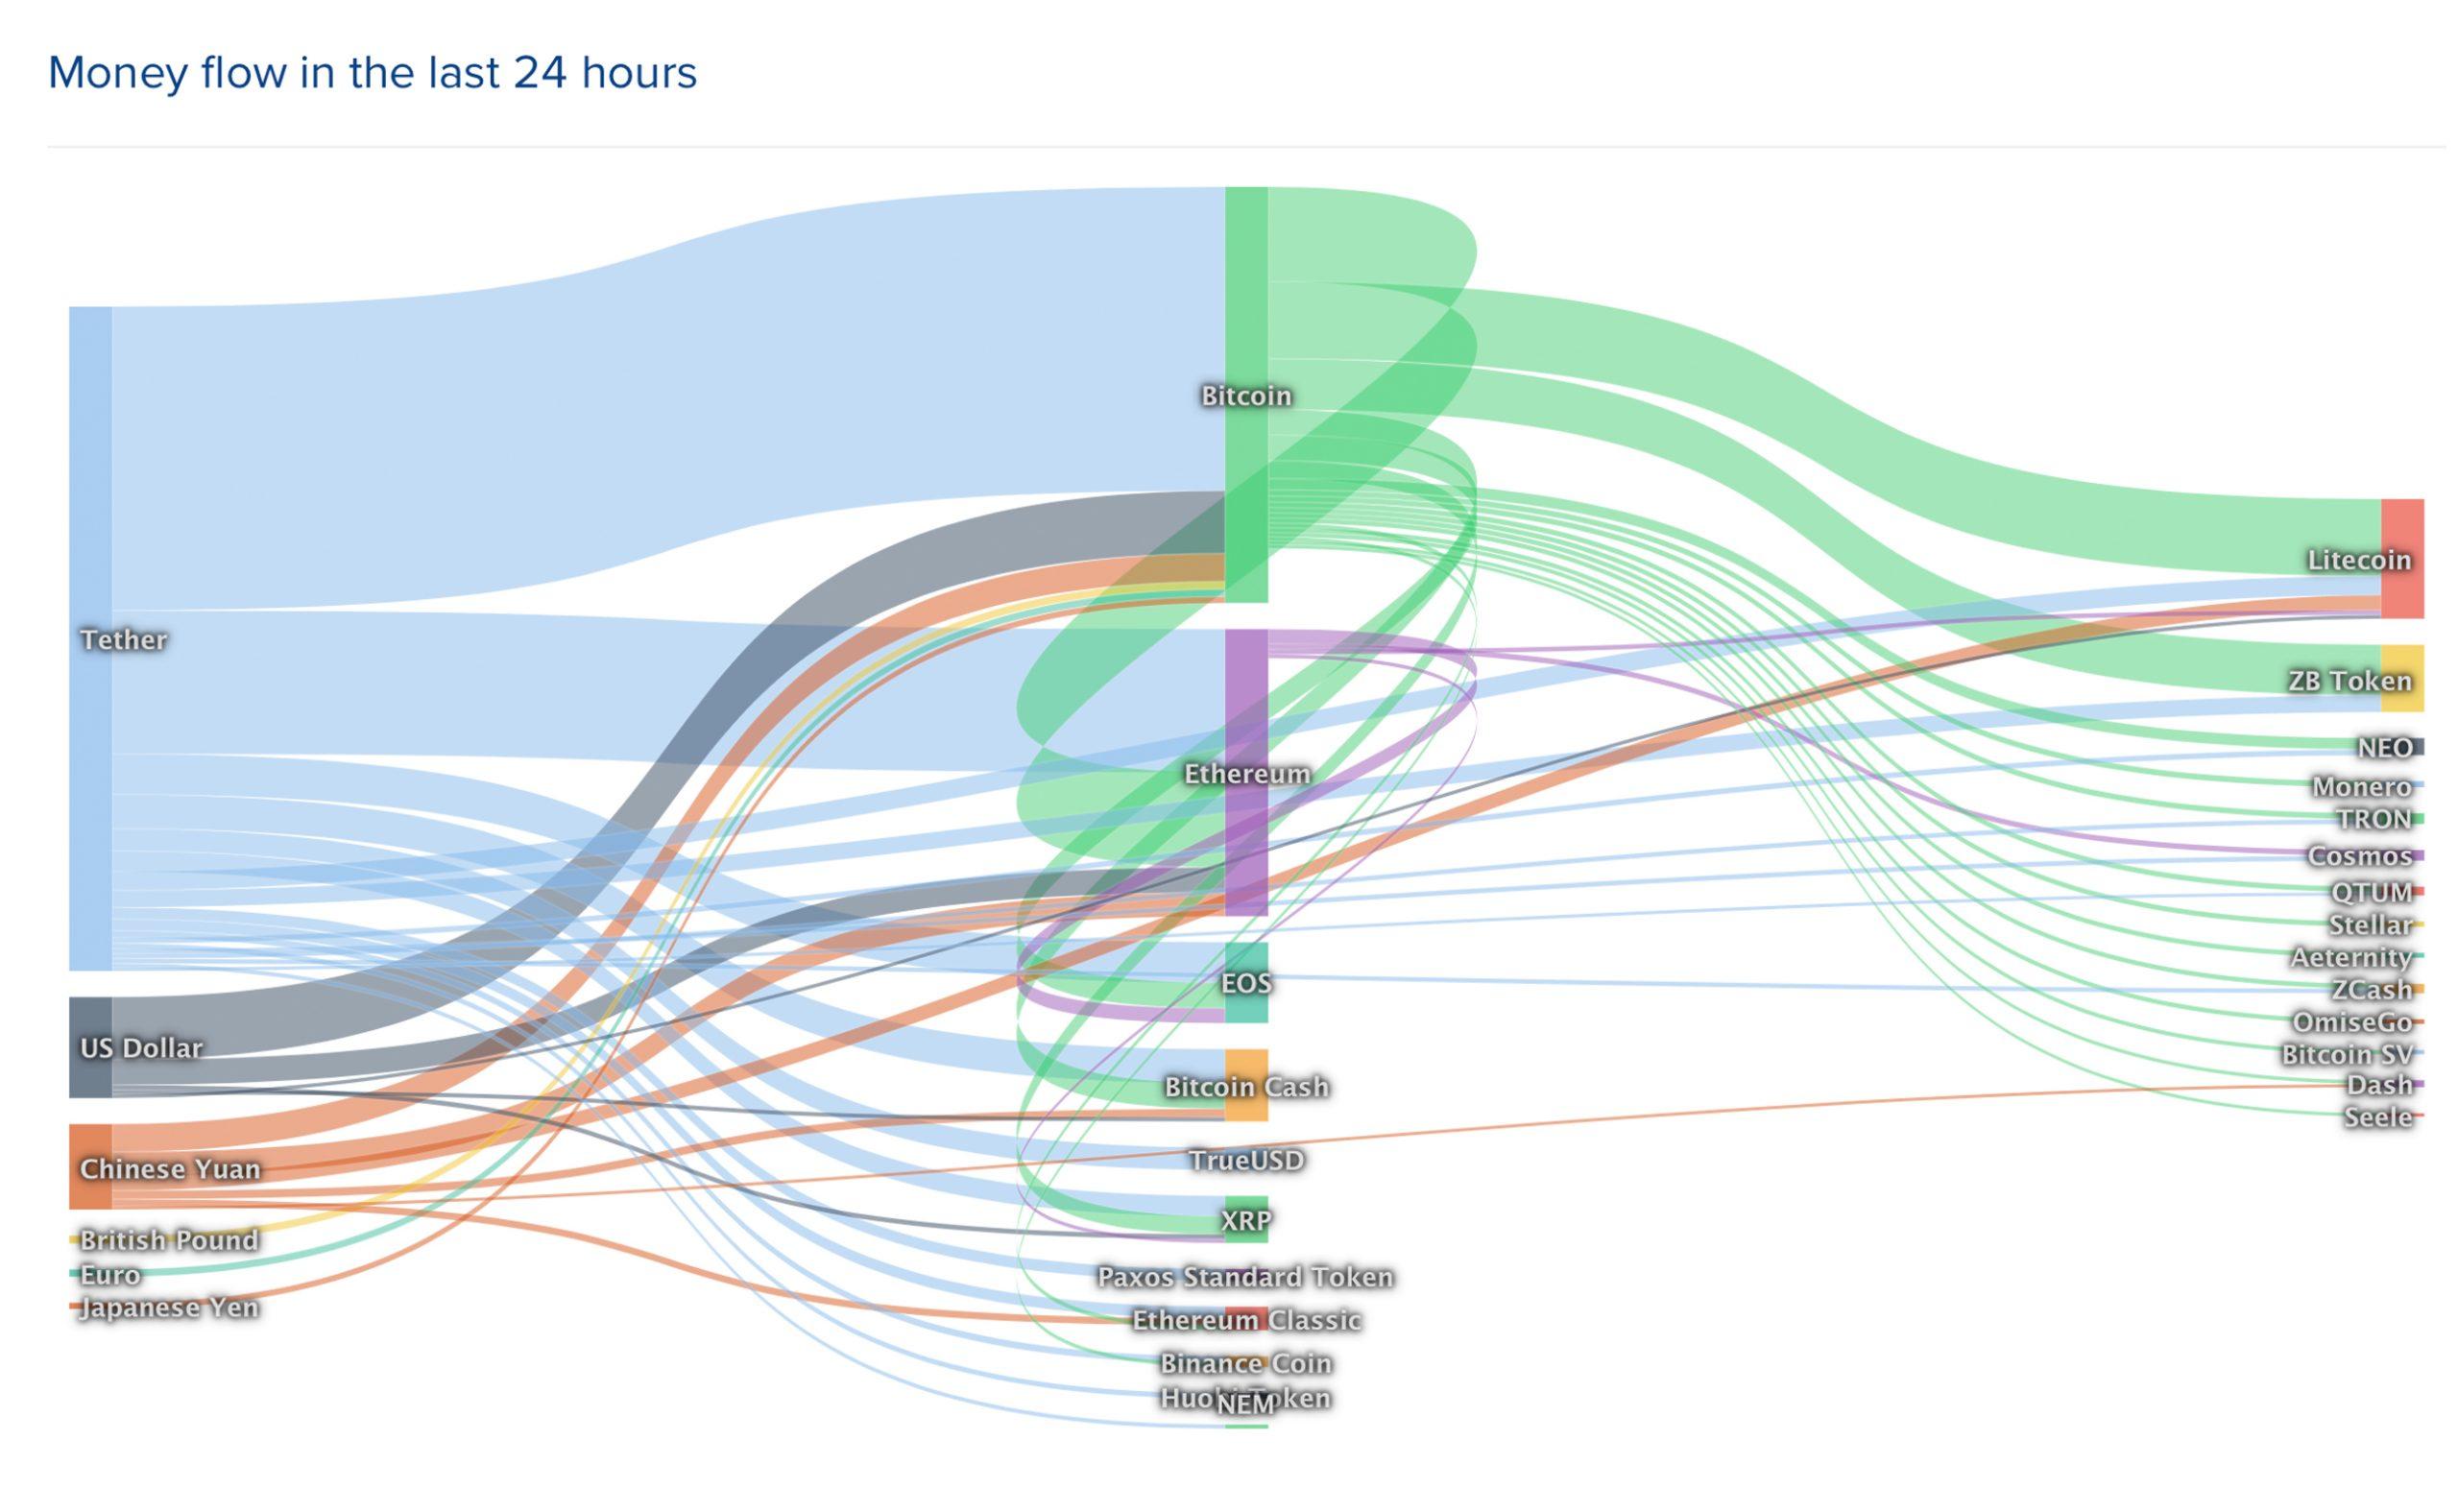 """Actualización del mercado: los precios de las criptomonedas mejoran después de una tendencia bajista de 3 semanas"""" width = """"2560"""" height = """"1575"""" srcset = """" https://blackswanfinances.com/wp-content/uploads/2019/11/flowmame-scaled.jpg 2560w, https://news.bitcoin.com/wp-content/uploads/2019/11/flowmame-300x185 .jpg 300w, https://news.bitcoin.com/wp-content/uploads/2019/11/flowmame-1024x630.jpg 1024w, https://news.bitcoin.com/wp-content/uploads/2019/11 /flowmame-768x473.jpg 768w, https://news.bitcoin.com/wp-content/uploads/2019/11/flowmame-1536x945.jpg 1536w, https://news.bitcoin.com/wp-content/uploads /2019/11/flowmame-2048x1260.jpg 2048w, https://news.bitcoin.com/wp-content/uploads/2019/11/flowmame-696x428.j pg 696w, https://news.bitcoin.com/wp-content/uploads/2019/11/flowmame-1392x857.jpg 1392w, https://news.bitcoin.com/wp-content/uploads/2019/11/ flowmame-1068x657.jpg 1068w, https://news.bitcoin.com/wp-content/uploads/2019/11/flowmame-683x420.jpg 683w, https://news.bitcoin.com/wp-content/uploads/ 2019/11 / flowmame-1920x1182.jpg 1920w """"tamaños ="""" (ancho máximo: 2560px) 100vw, 2560px"""